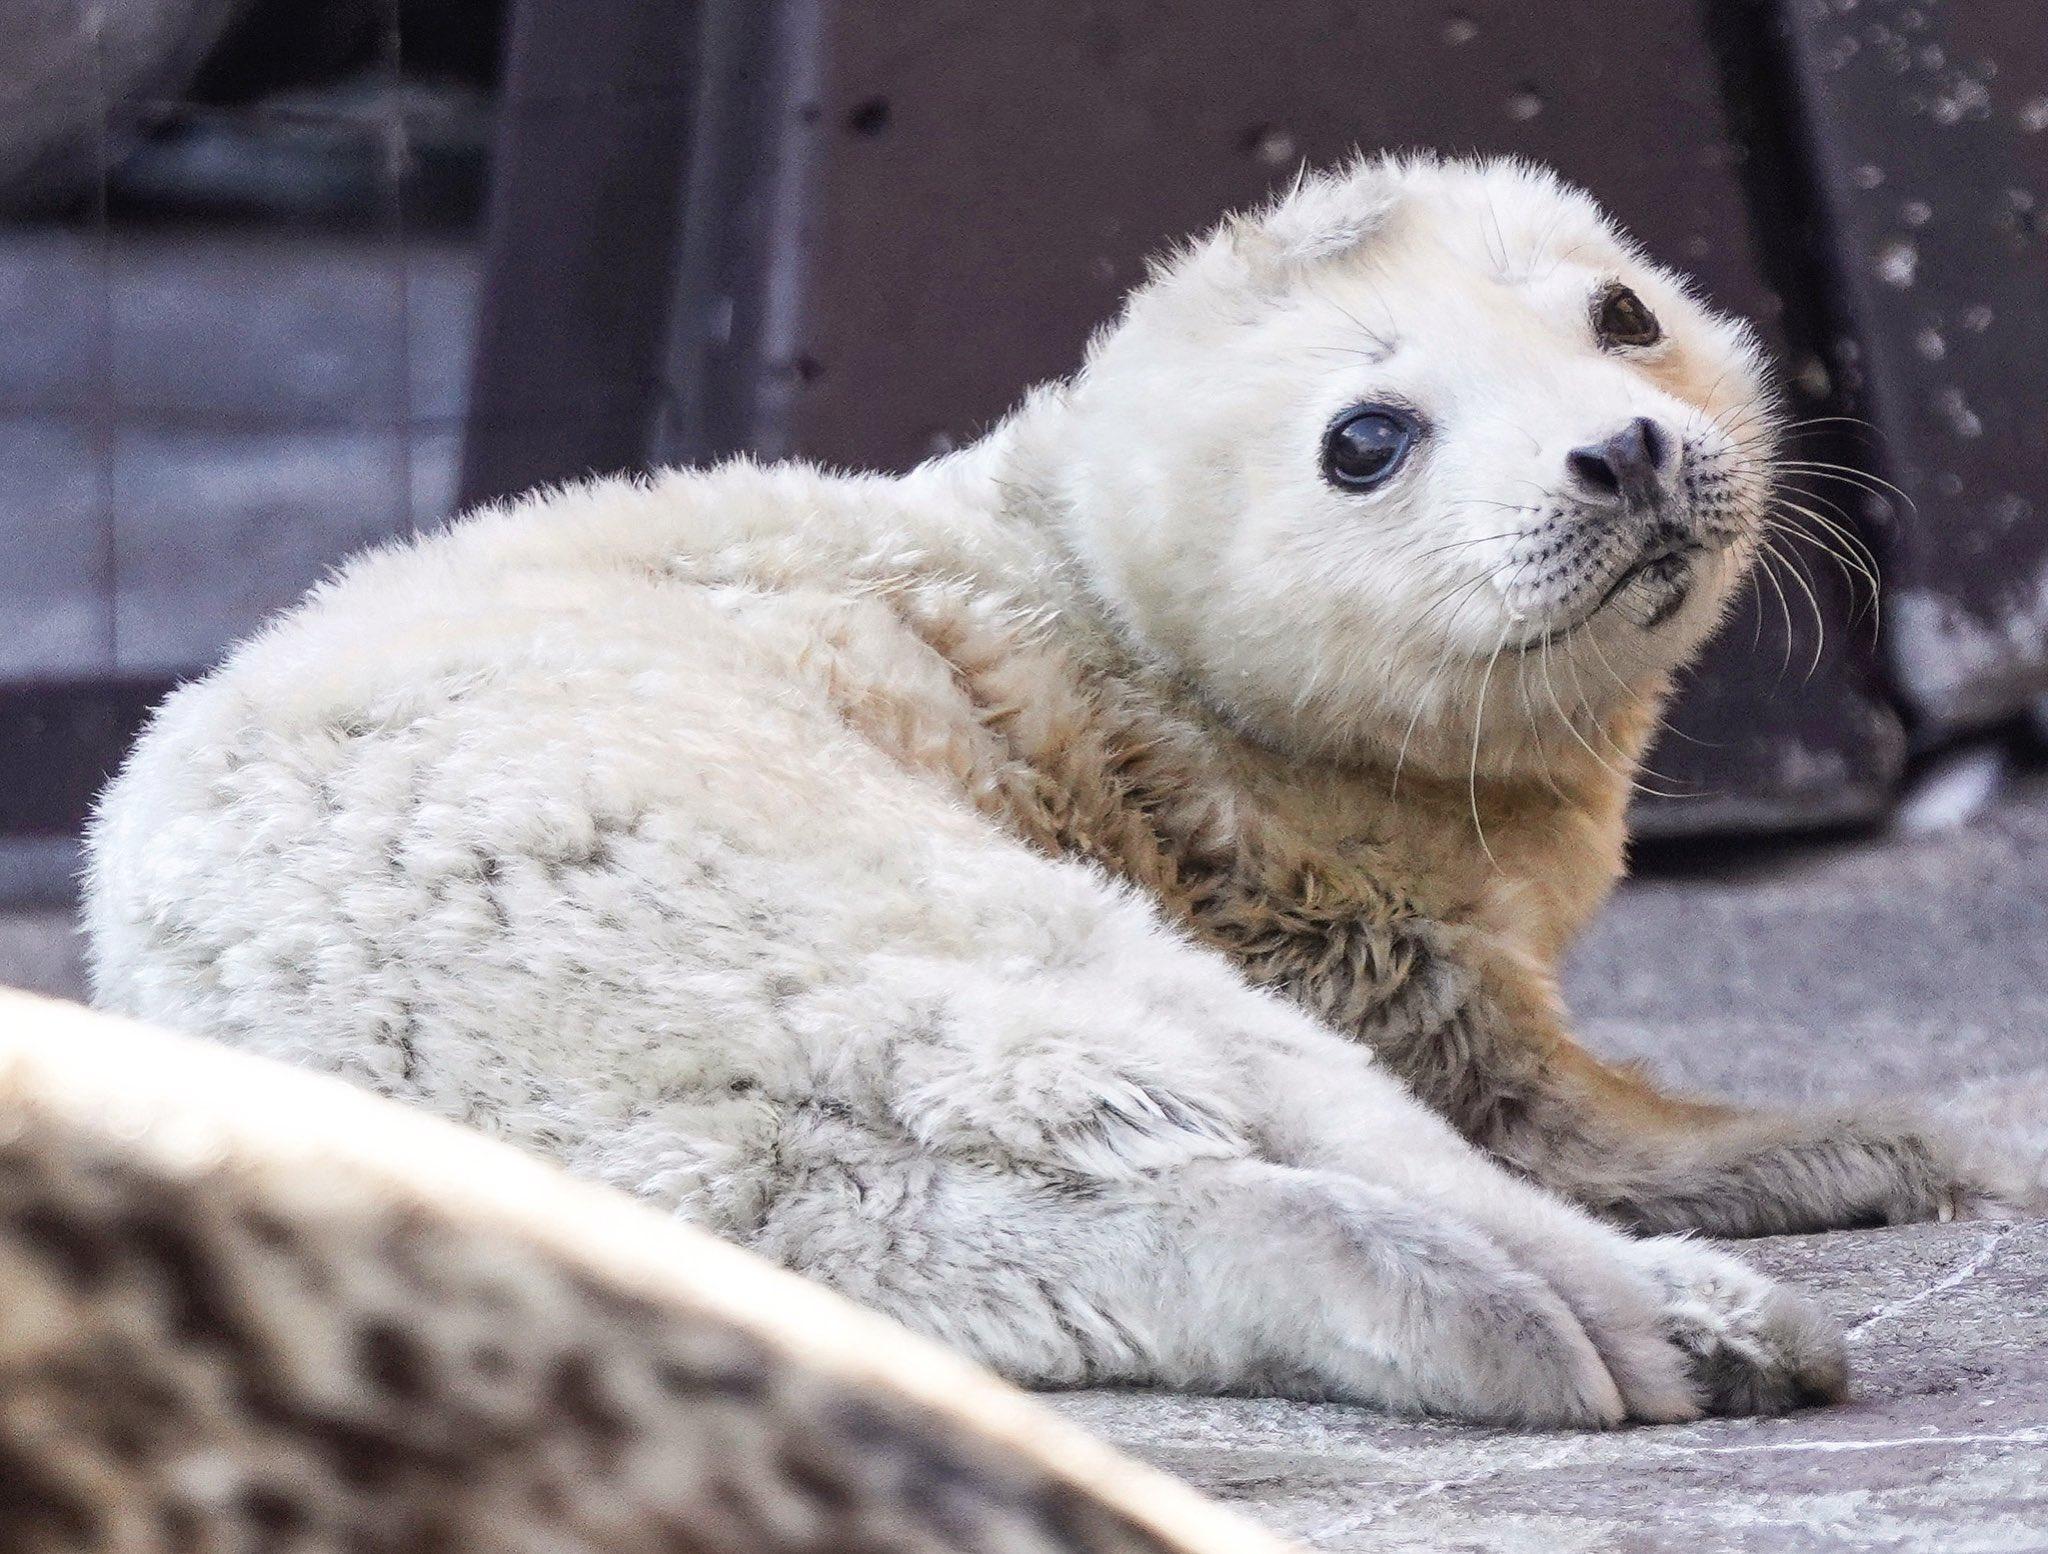 旭山動物園で生まれたアザラシの赤ちゃんがふわふわで可愛すぎる